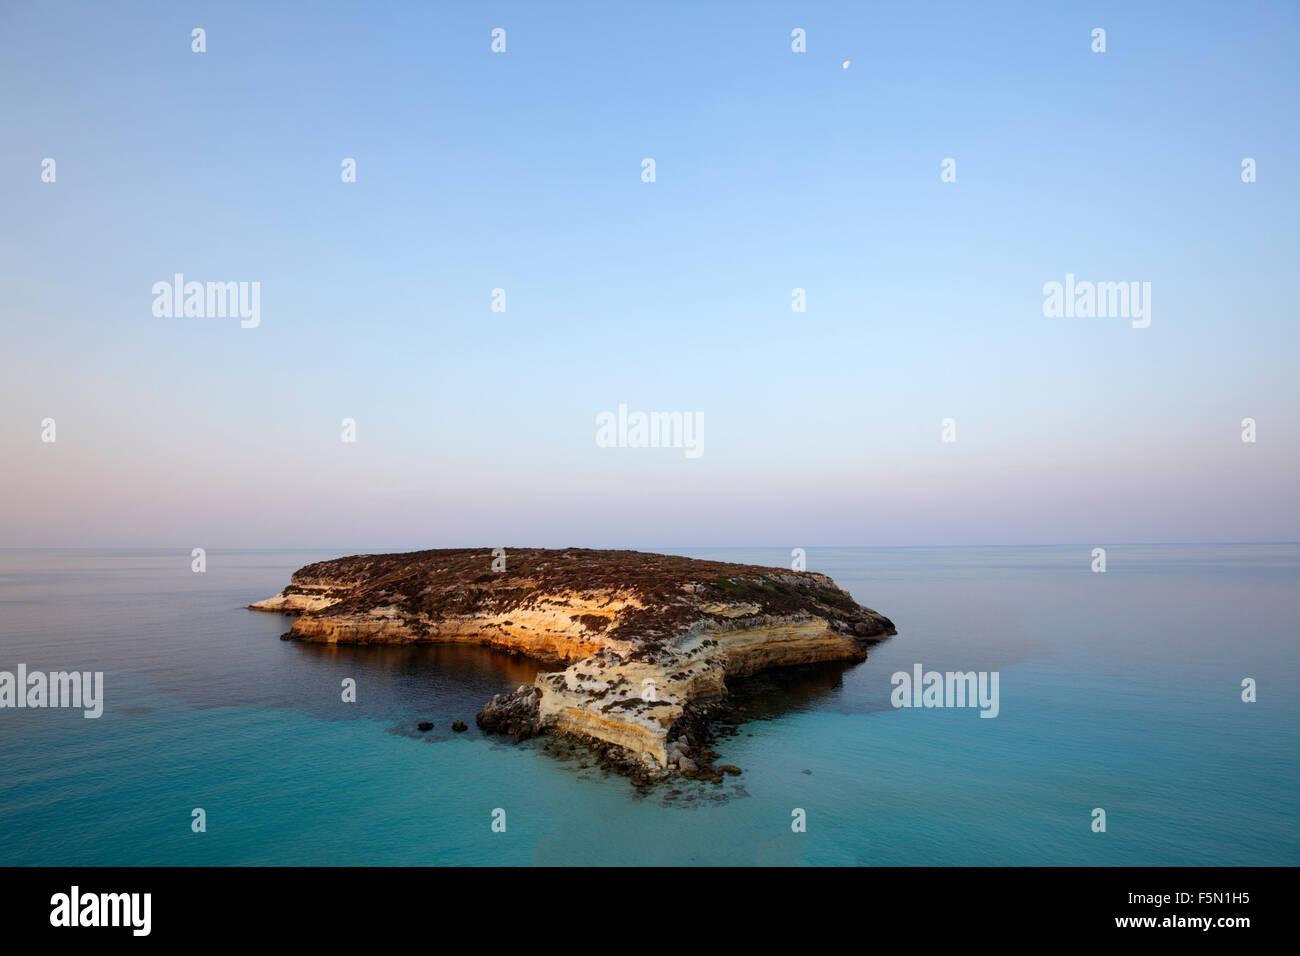 L'île aux lapins à Lampedusa, Sicile, Italie Photo Stock